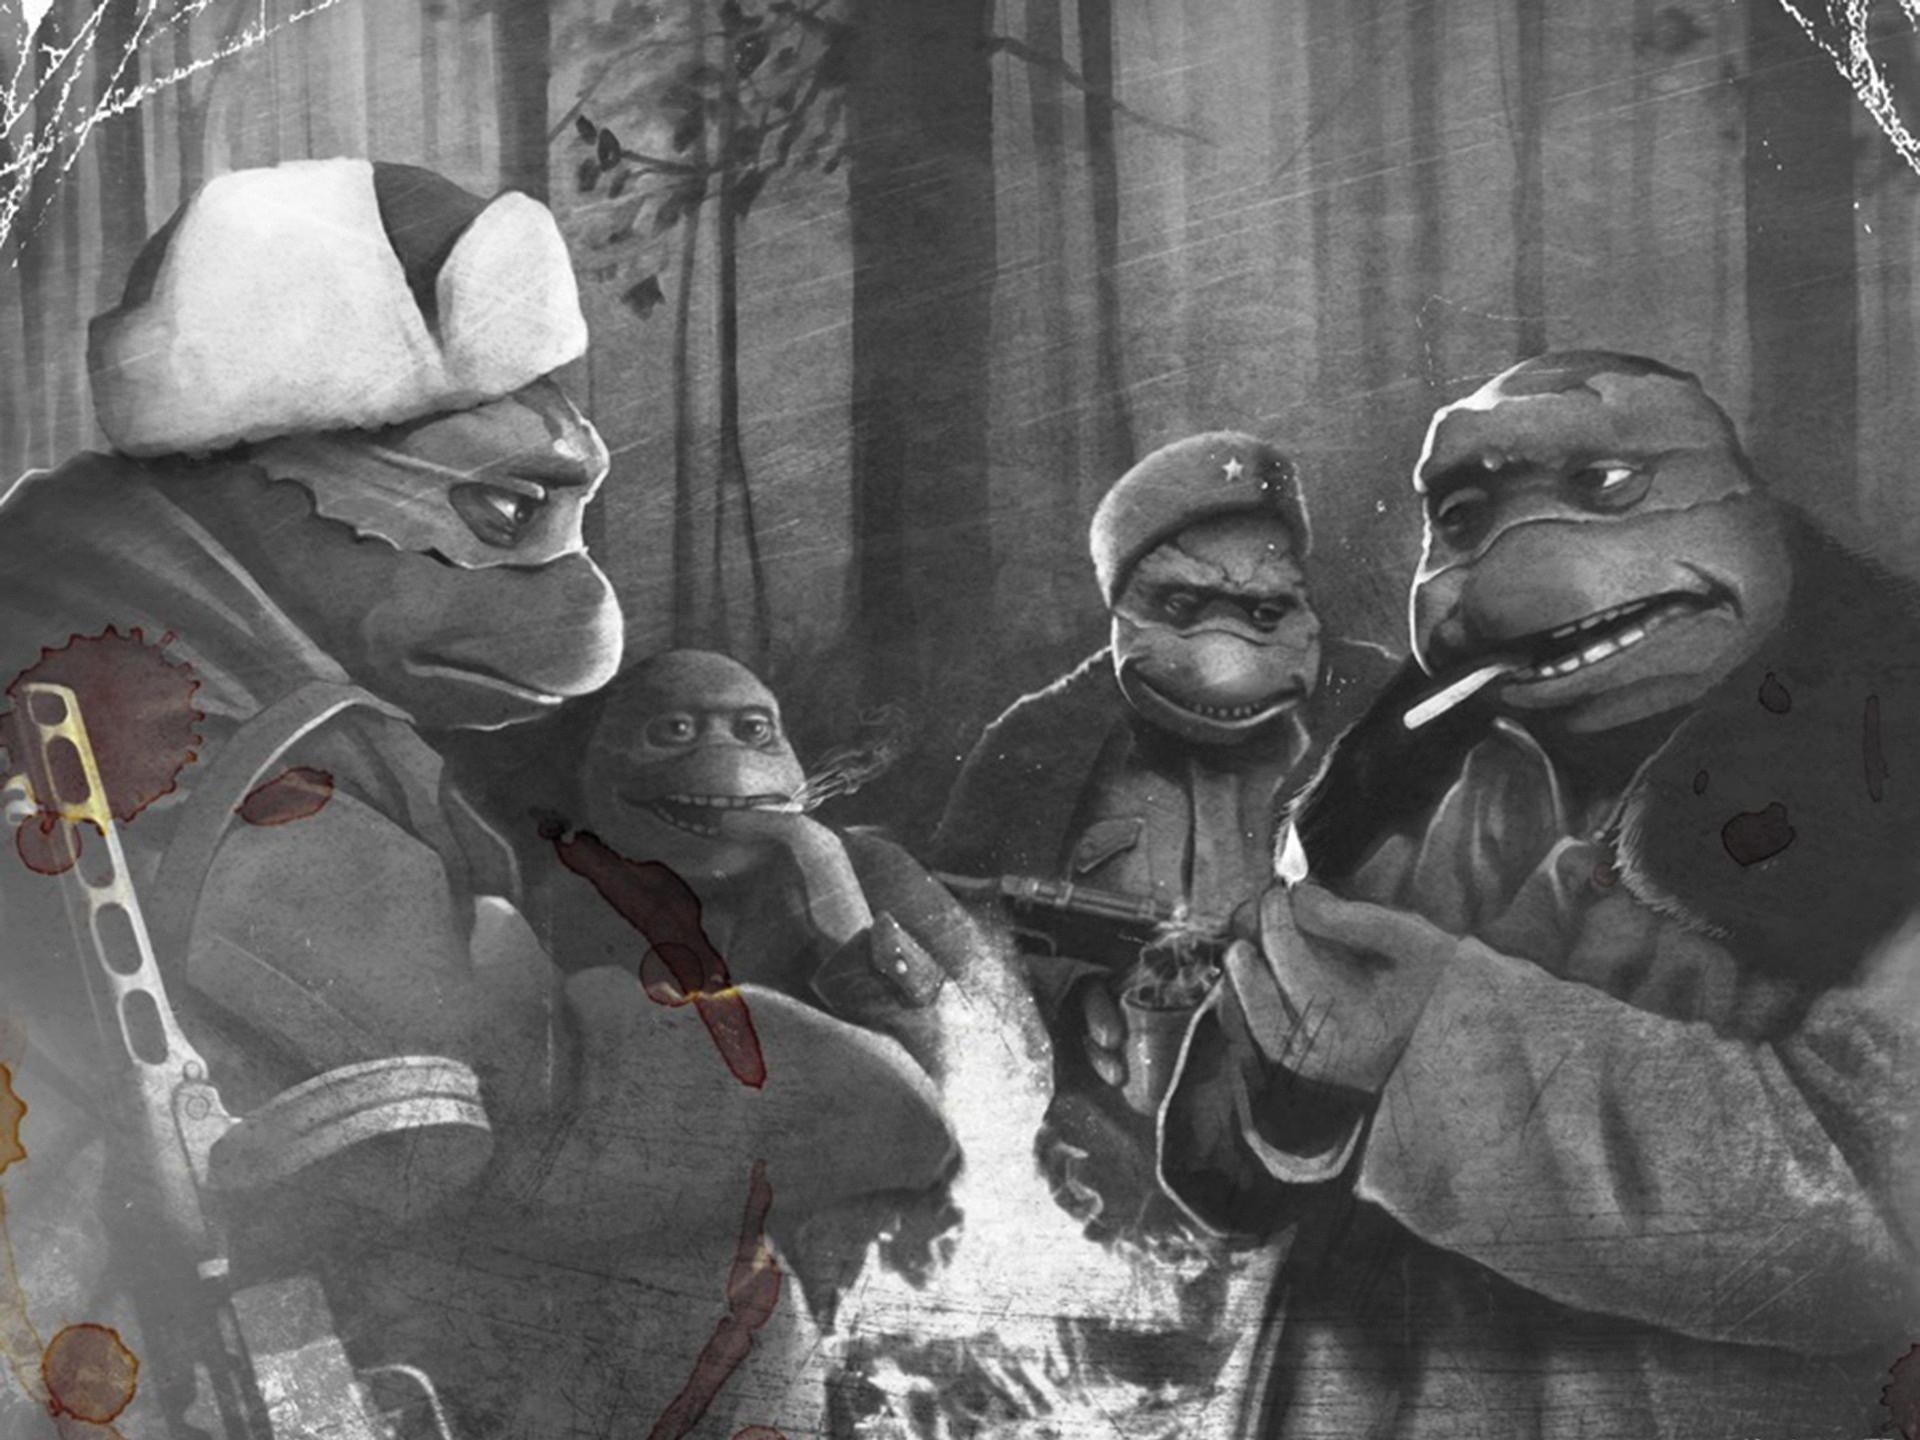 Если бы новых черепах снимал Бондарчук.... - Изображение 1